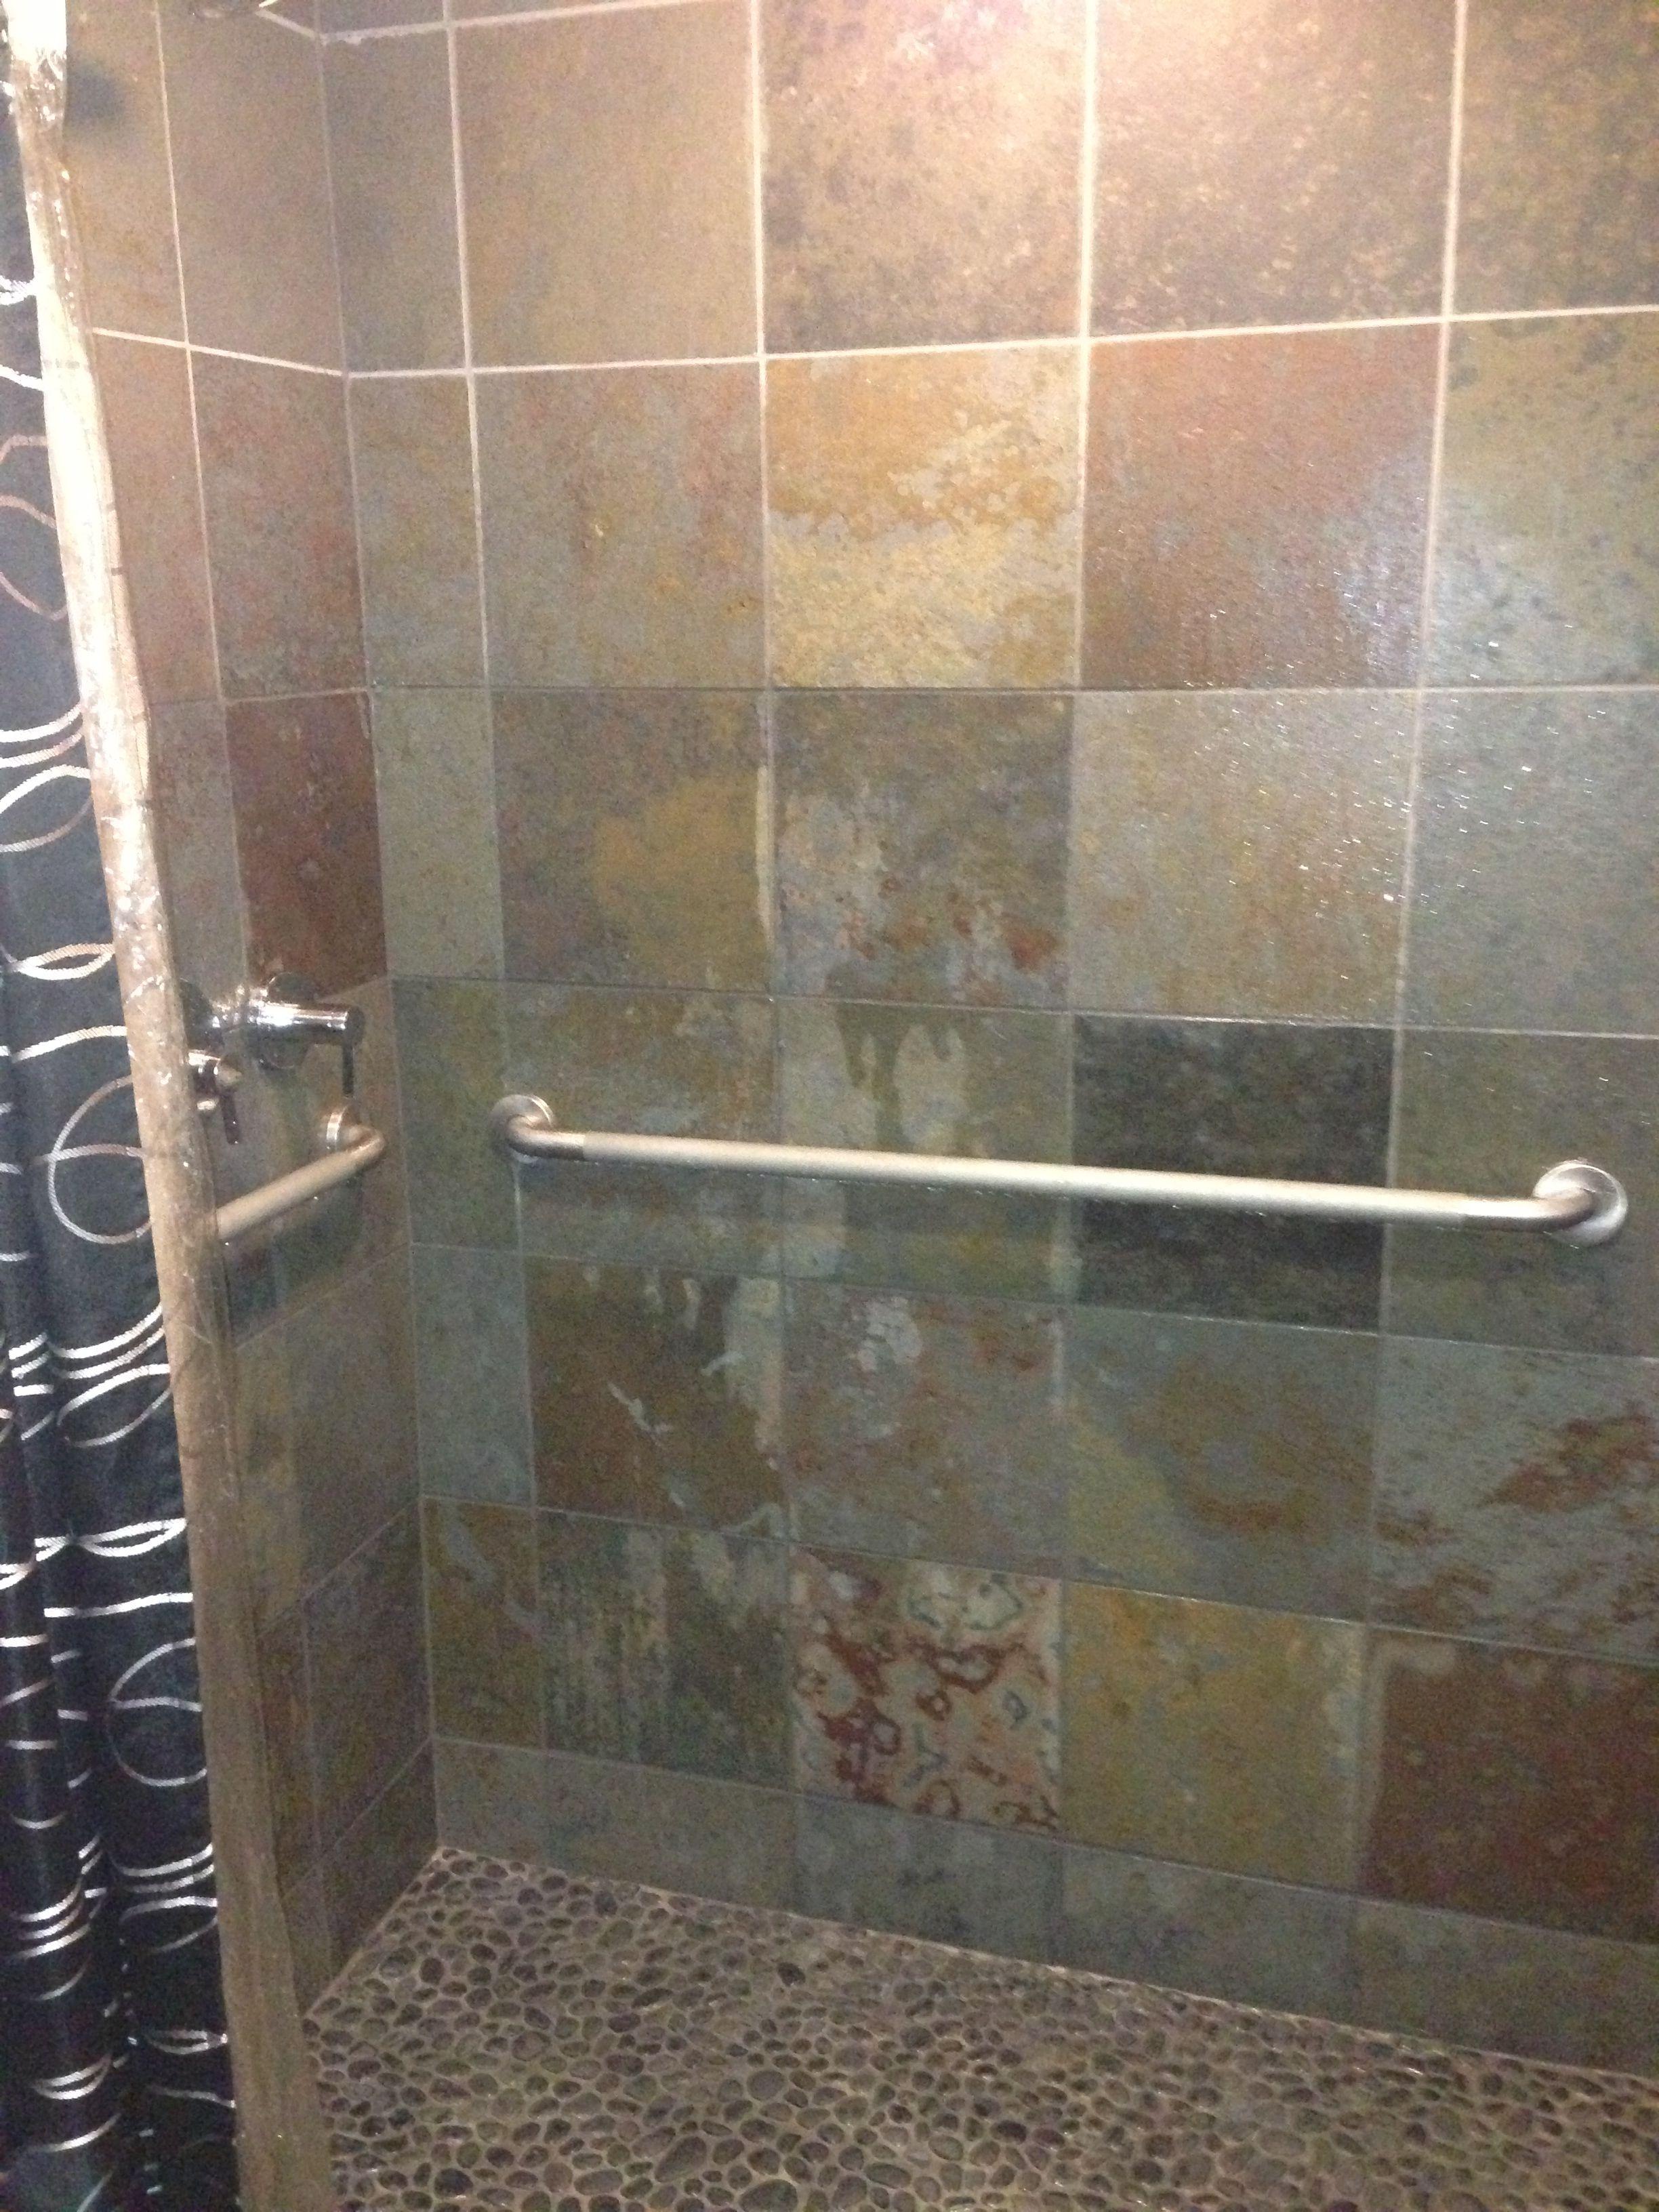 Bathroom Tiles Wall Peacefully Soothing Granite Emerge Spa